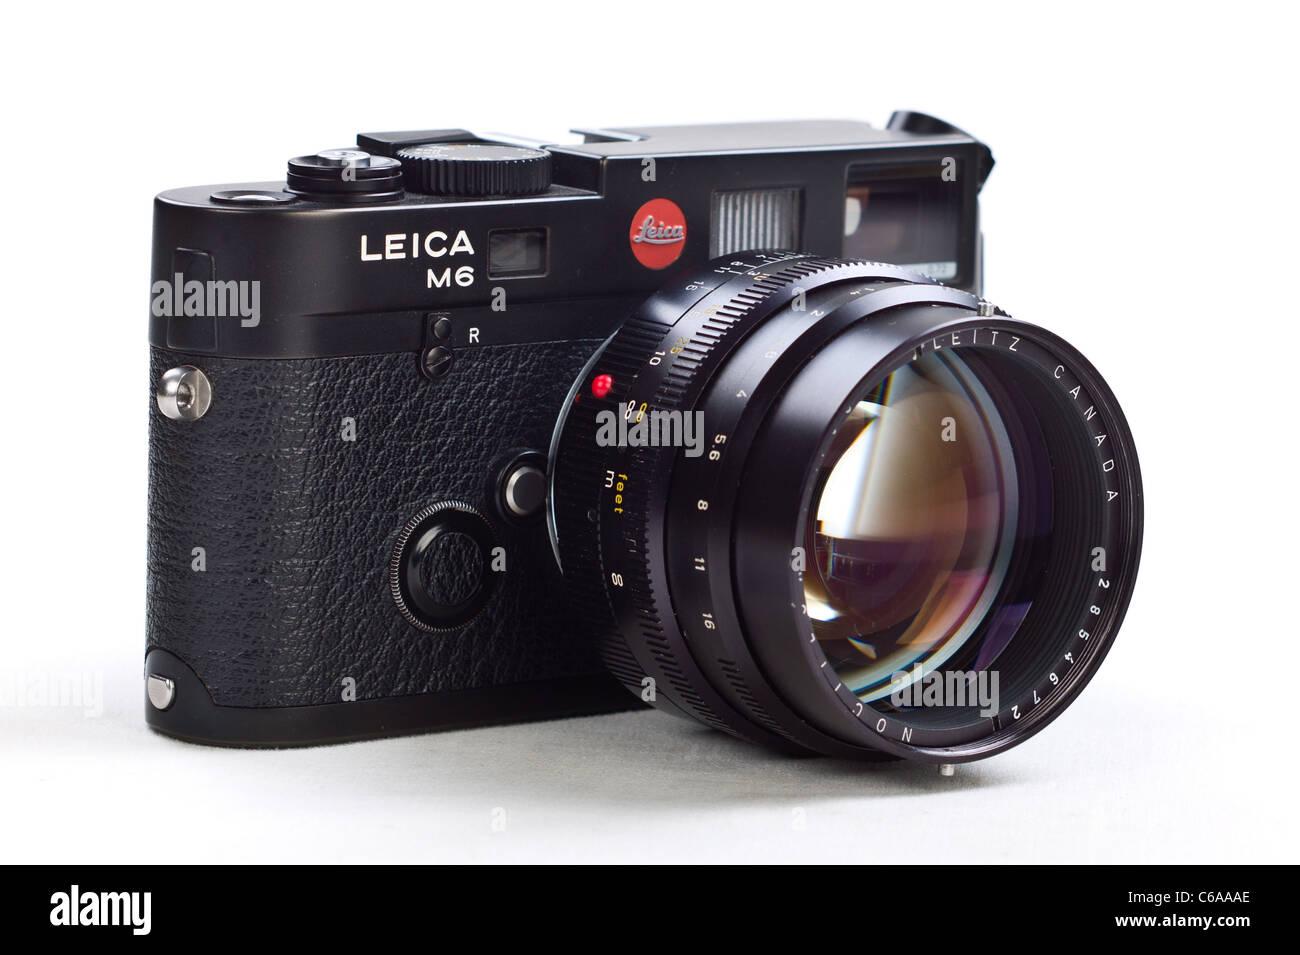 0677a133b4c2 Leica Leitz Deutsch gemacht M6 Entfernungsmesser RF klassische Filmkamera  mit 50mm mm f1 Noctilux Objektiv auf weißem Hintergrund